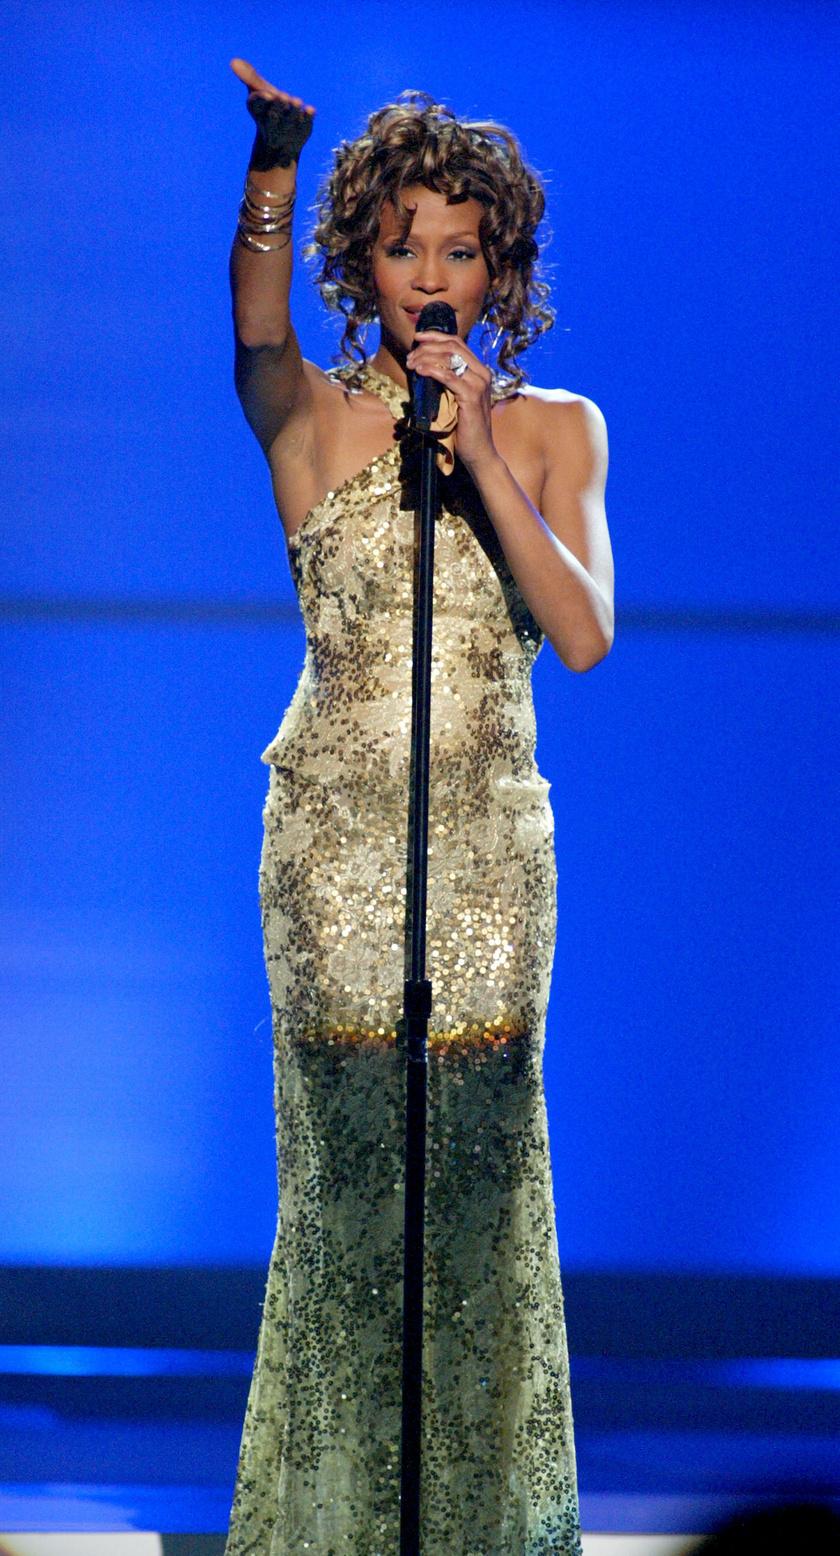 2003-ban a Diva Duets koncerten krémszínű ruhában állt színpadra, ami az arany flitterektől lett igazán különleges.